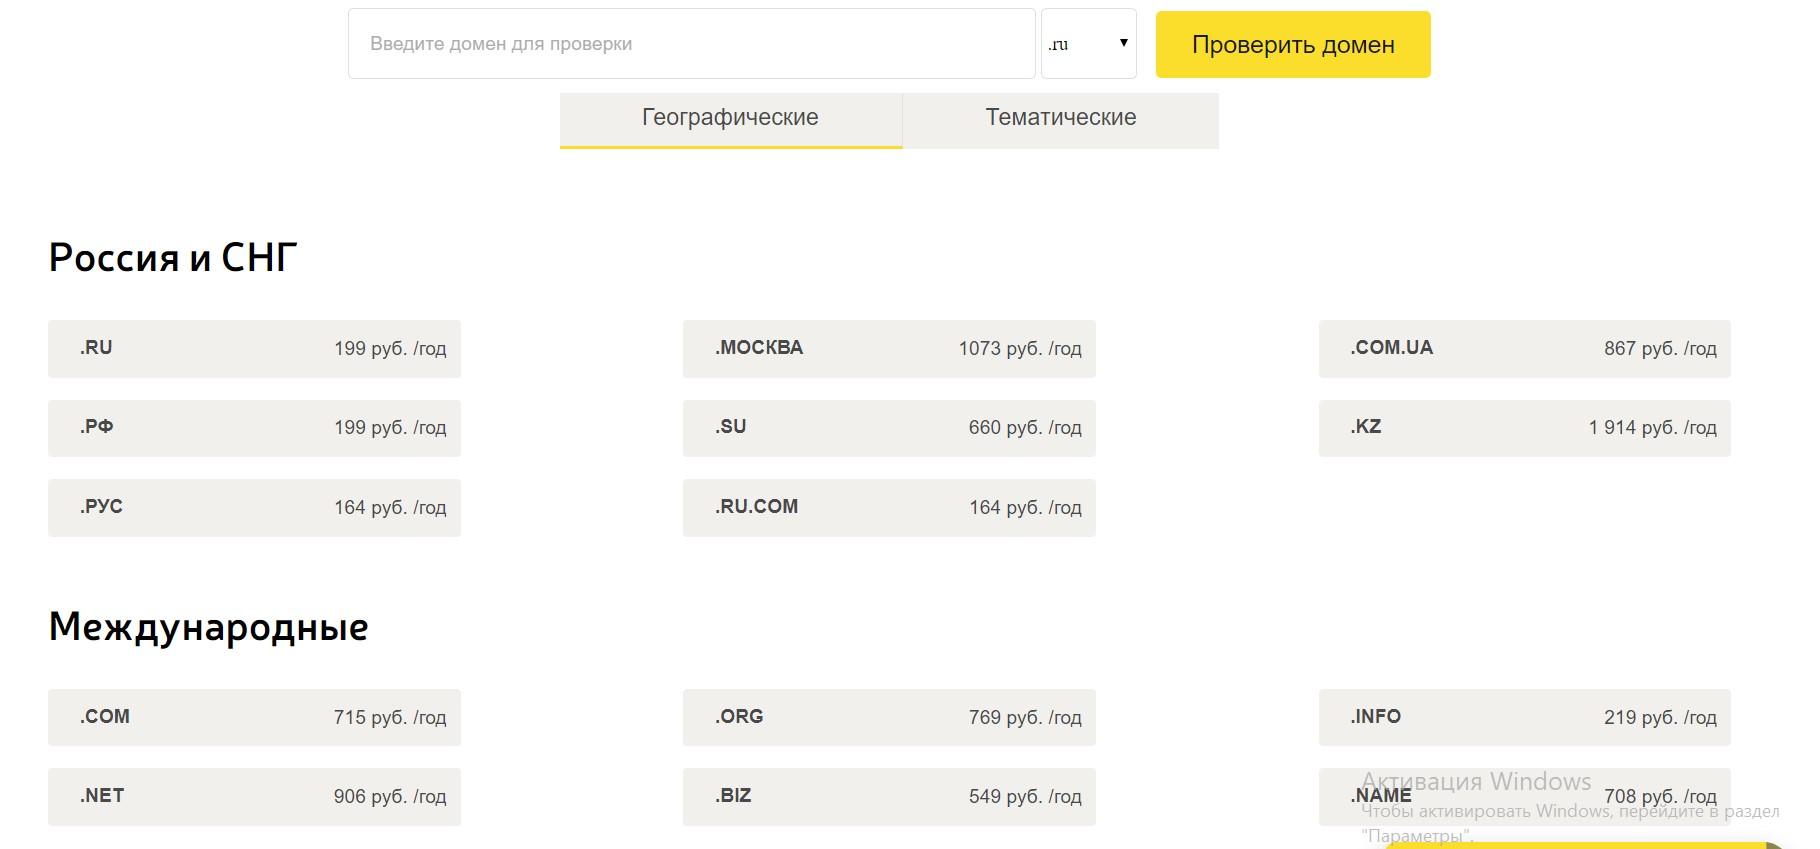 регистрируем домены